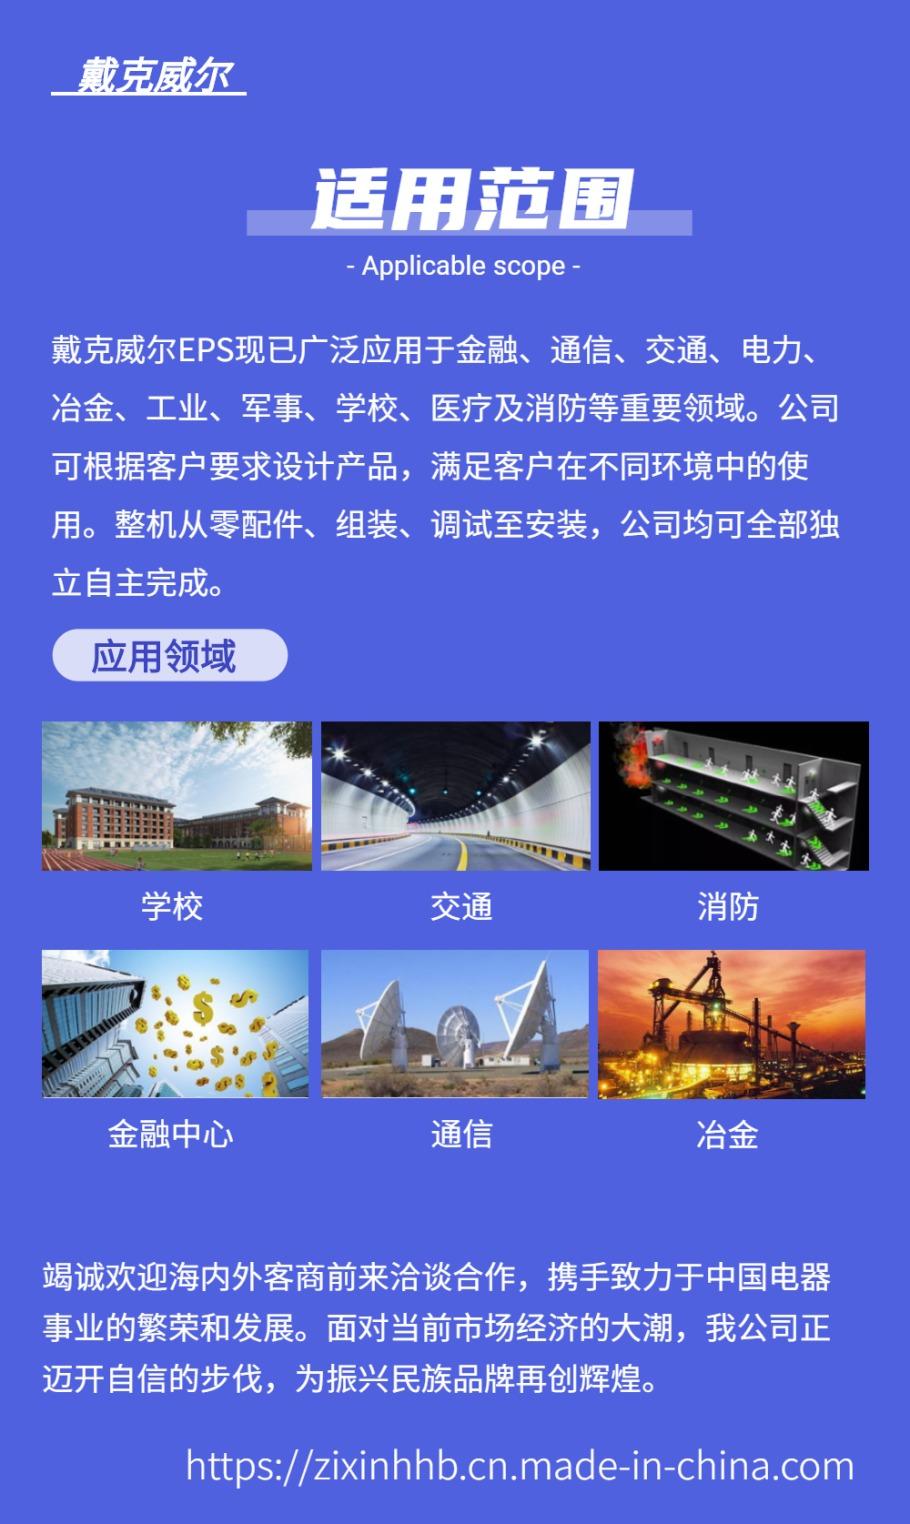 企业官网品牌介绍宣传产品推广长图-4.png